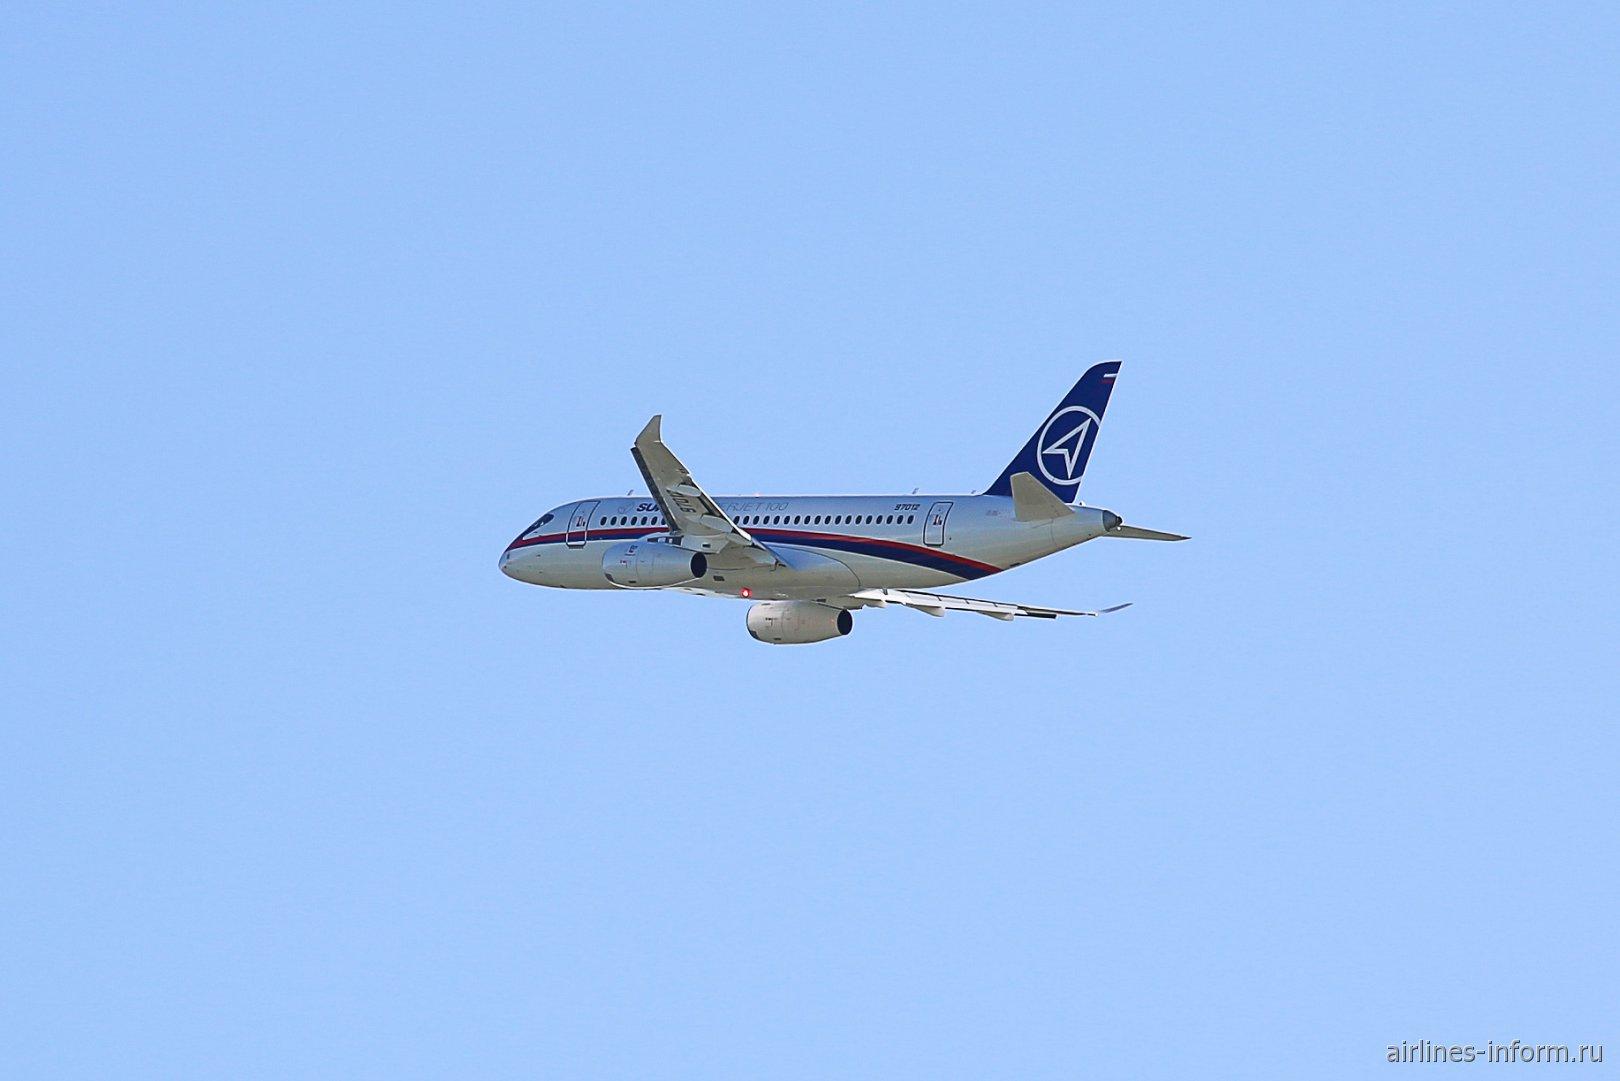 Самолет Сухой Суперджет-100 с новыми законцовками крыла в полете на авиашоу МАКС-2019